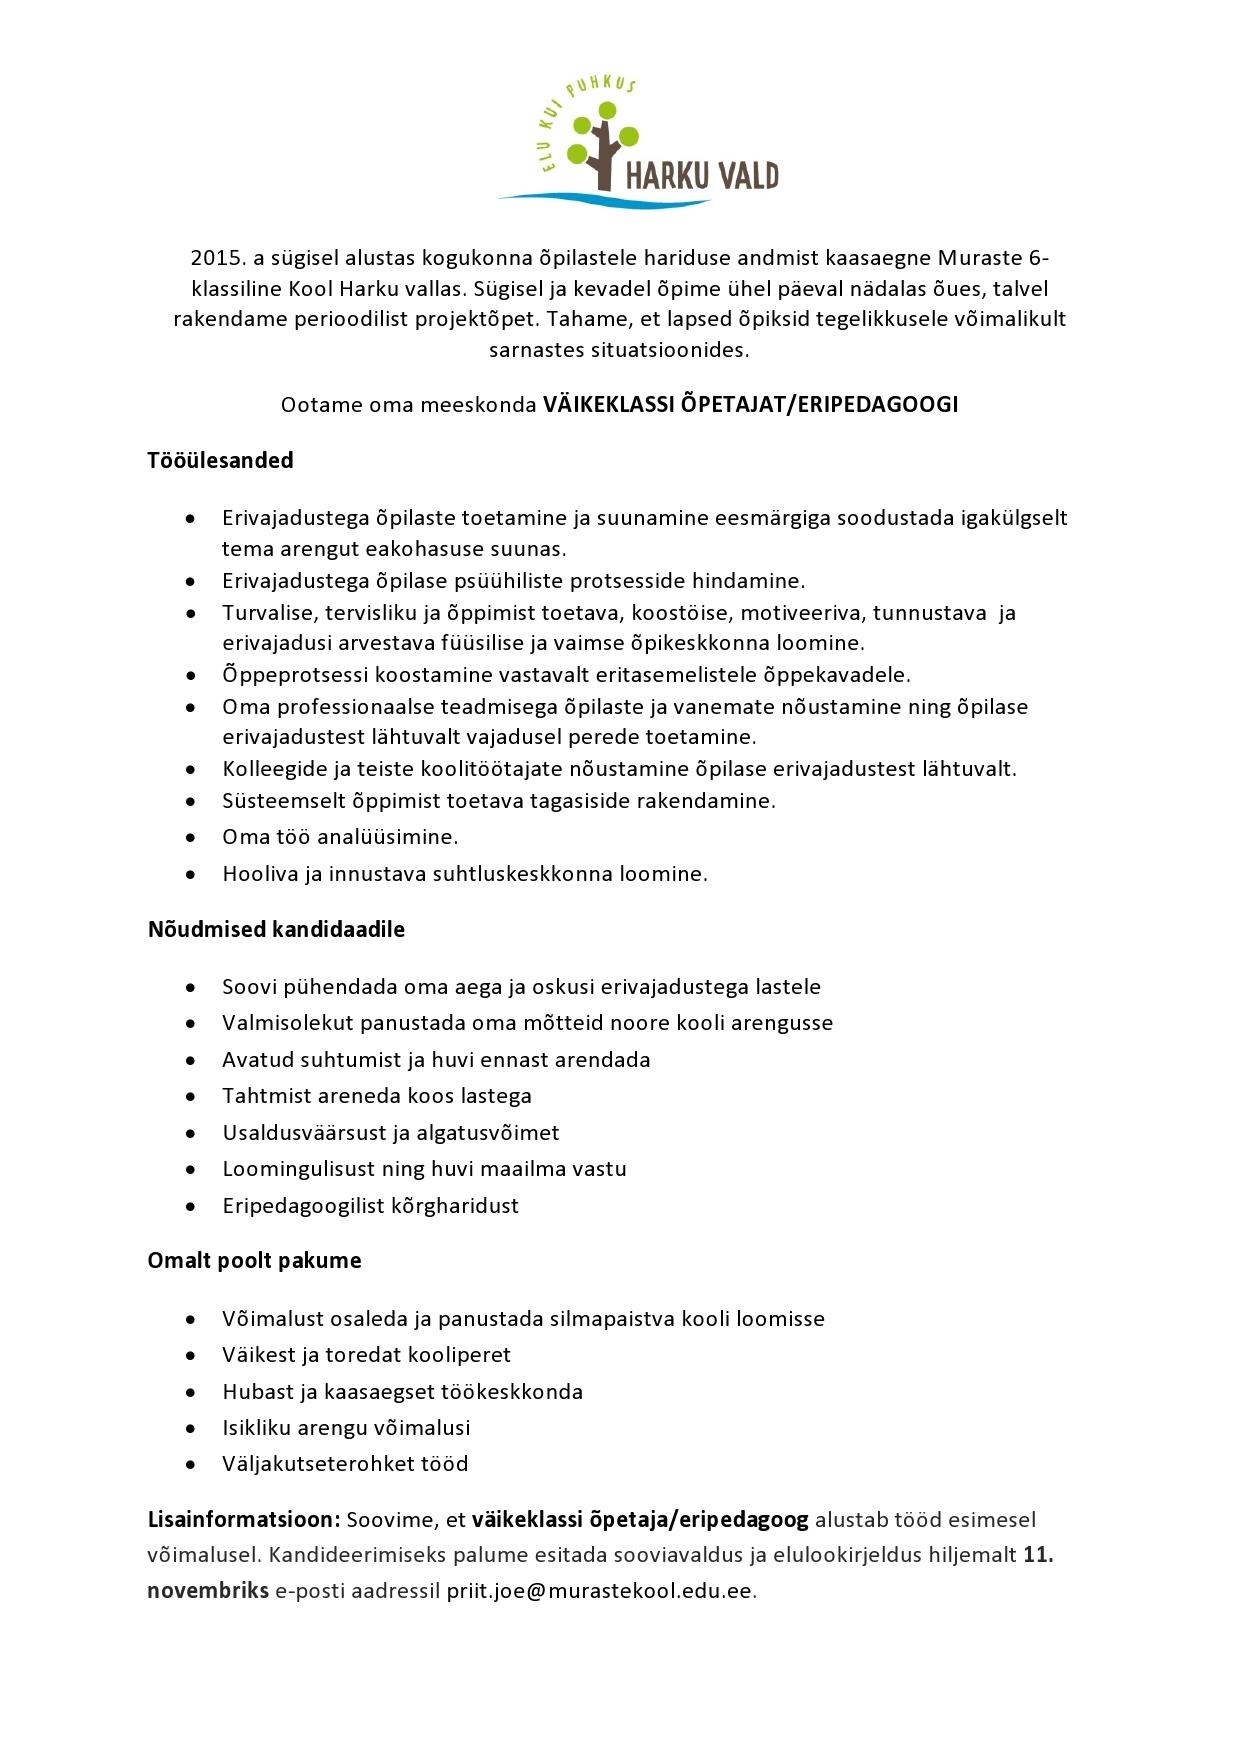 vaikeklassi-opetaja-kuulutus-2-page0001